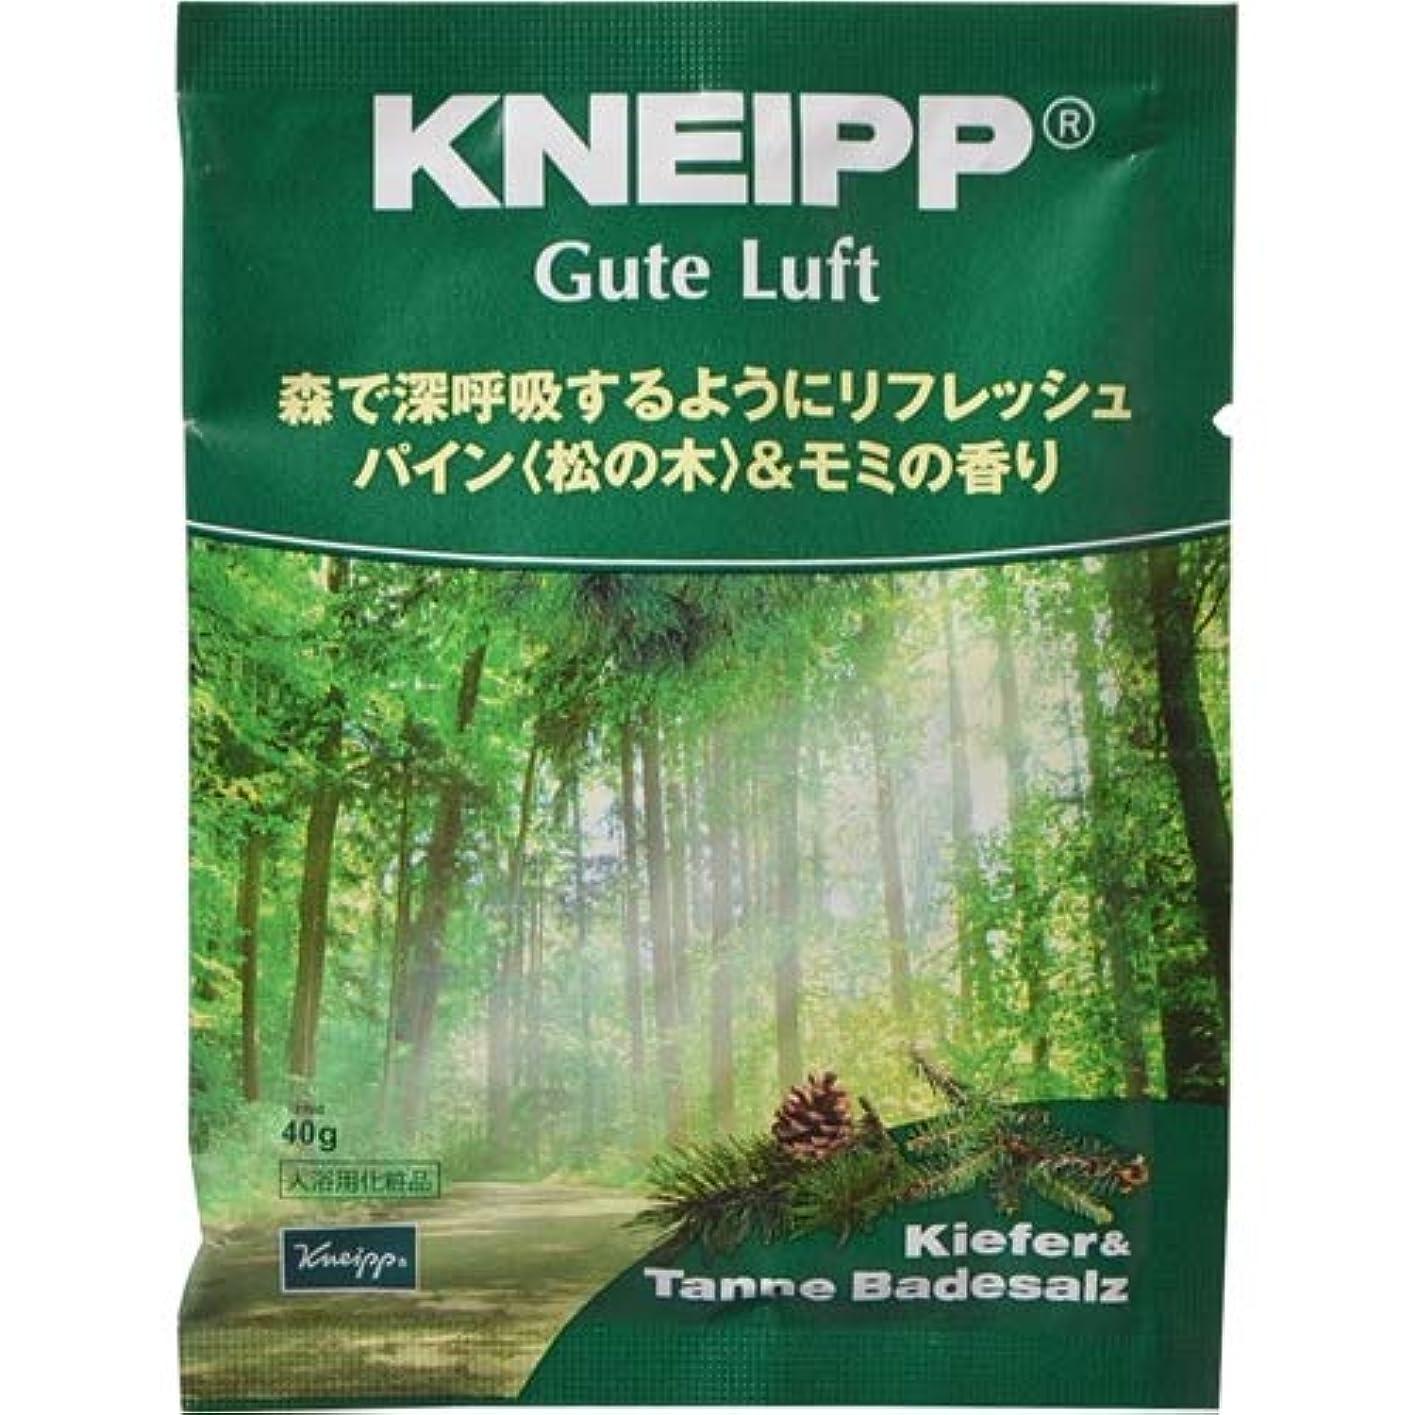 リゾート誠実さばかげたクナイプ・ジャパン クナイプ グーテルフト バスソルト パイン<松の木>&モミの香り 40g